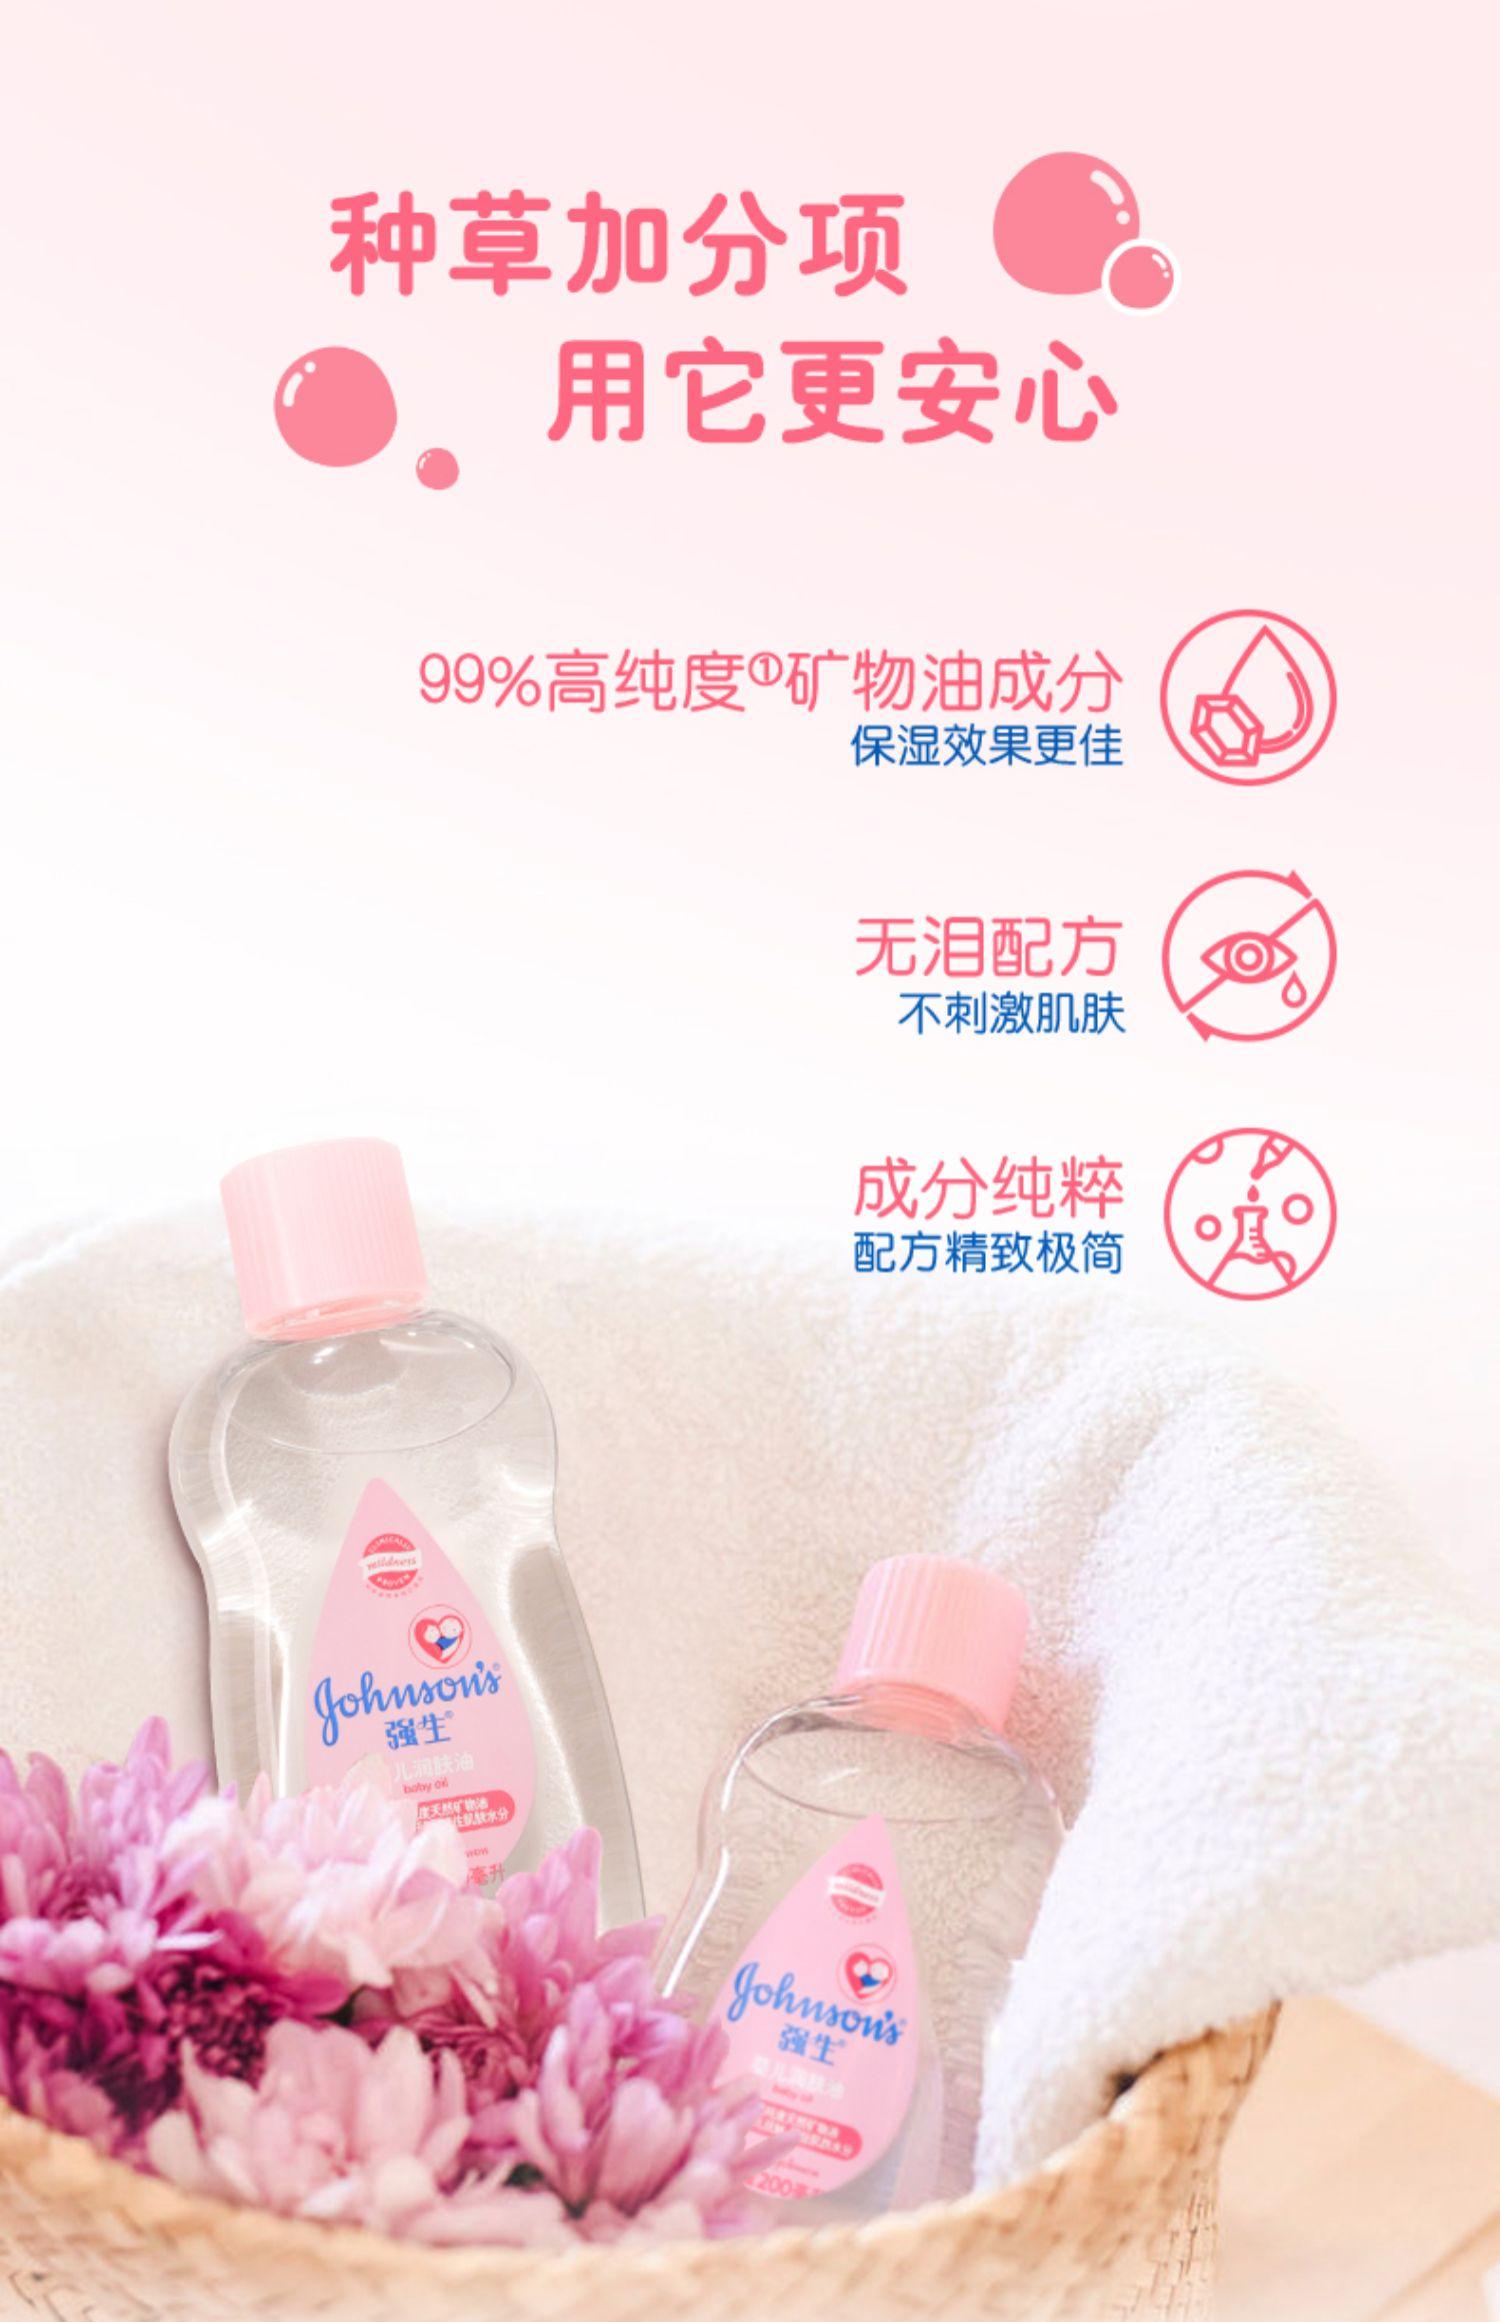 强生婴儿润肤油共100ml